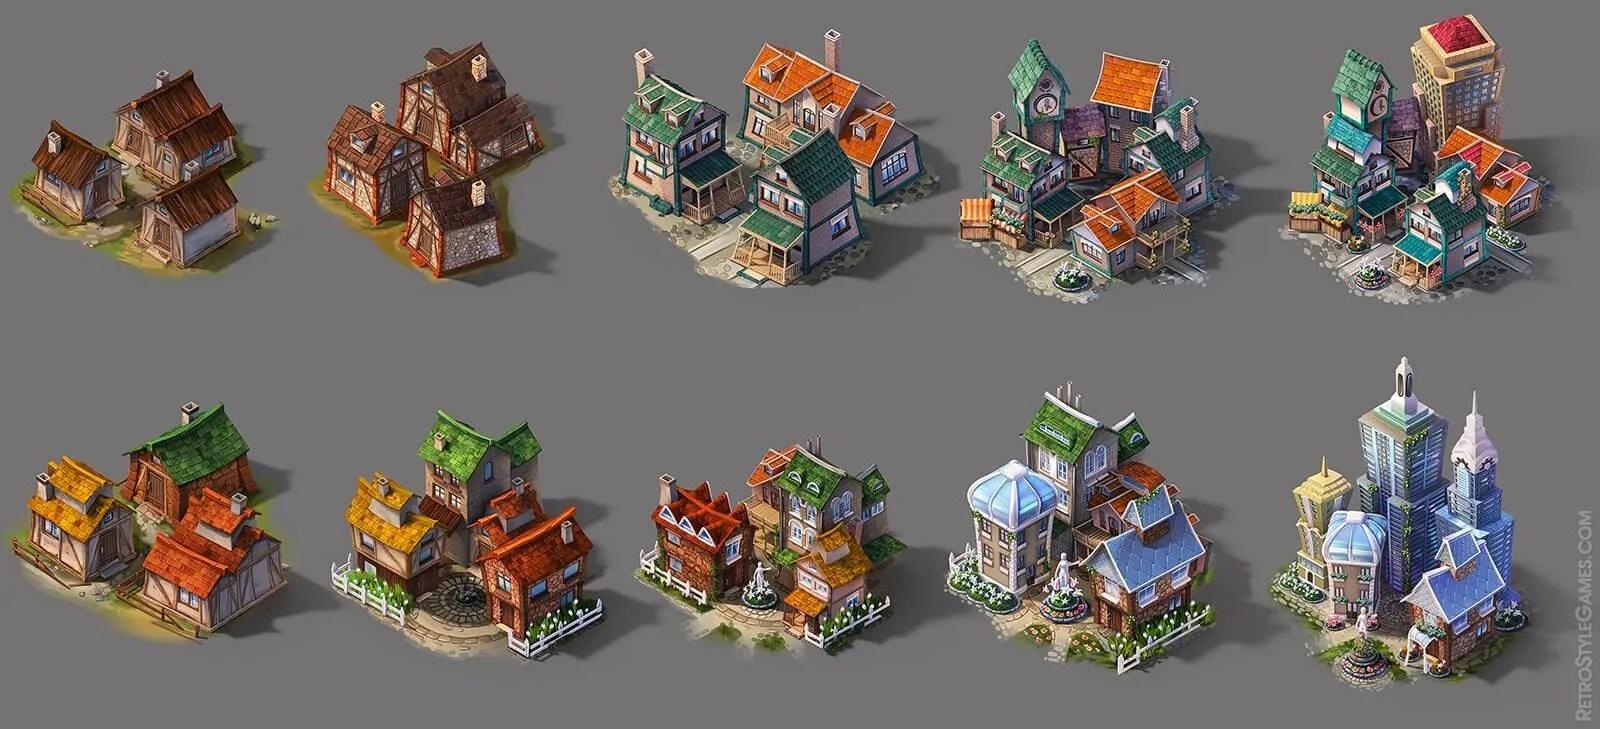 3d Mushroom Garden Wallpaper Pre Rendered 3d Game Sprites 2d Isometric Tiles